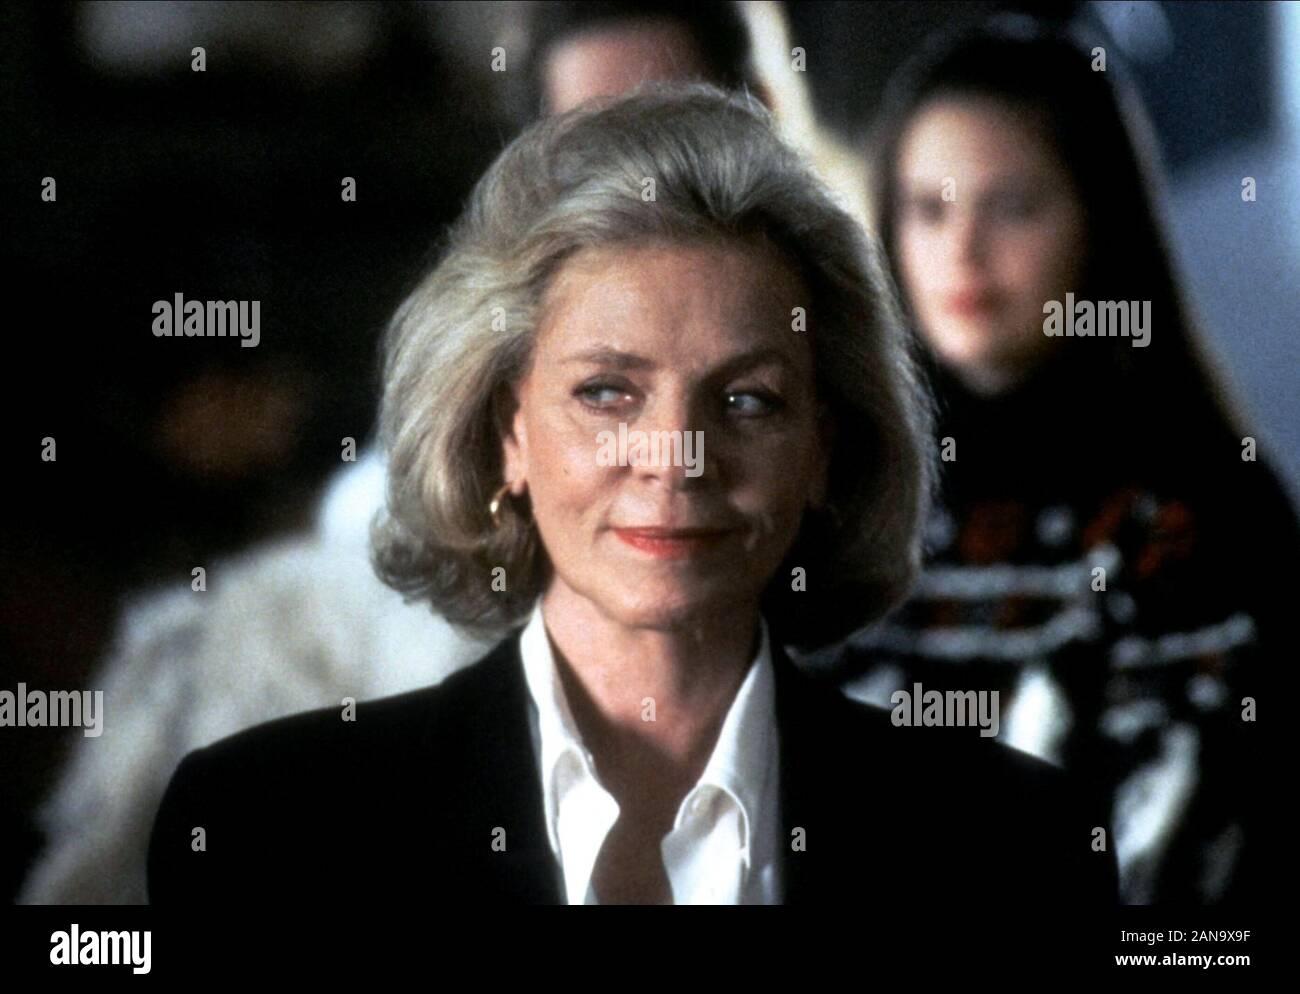 LAUREN BACALL, TOUT CE QUE JE VEUX POUR NOËL, 1991 Banque D'Images